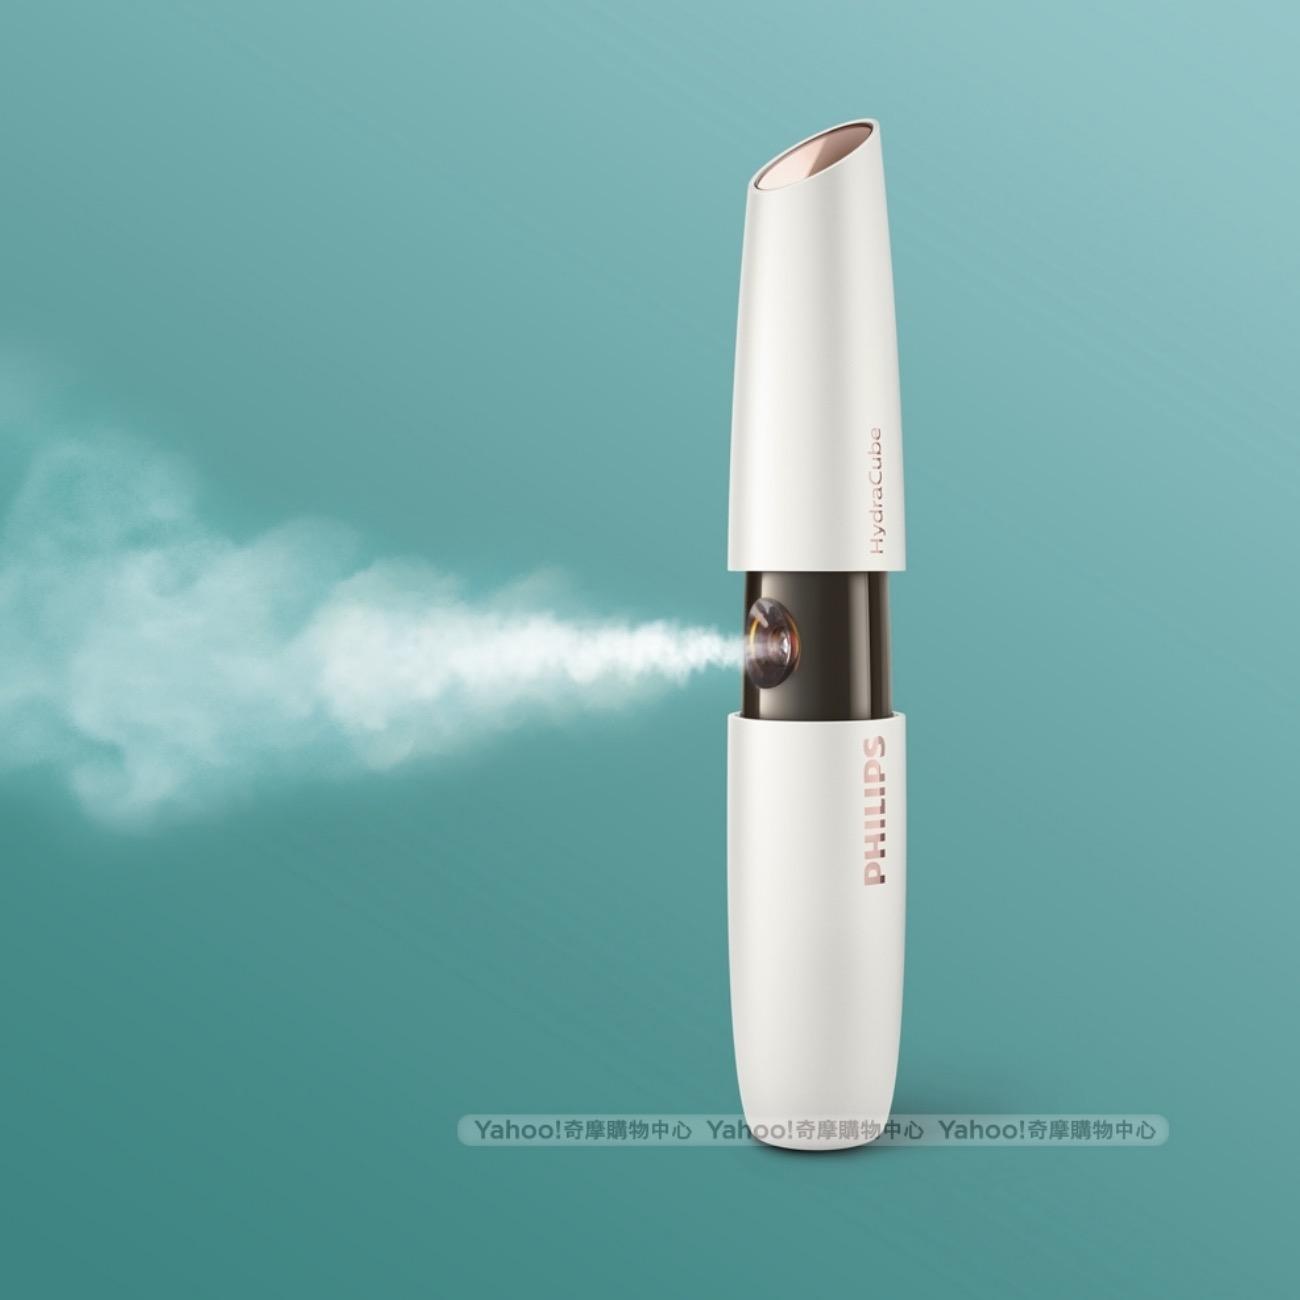 傳統噴霧的分子太大無法有效被肌膚完整吸收,用飛利浦超音波微米水霧讓水分深入肌底,幫肌膚有效補水